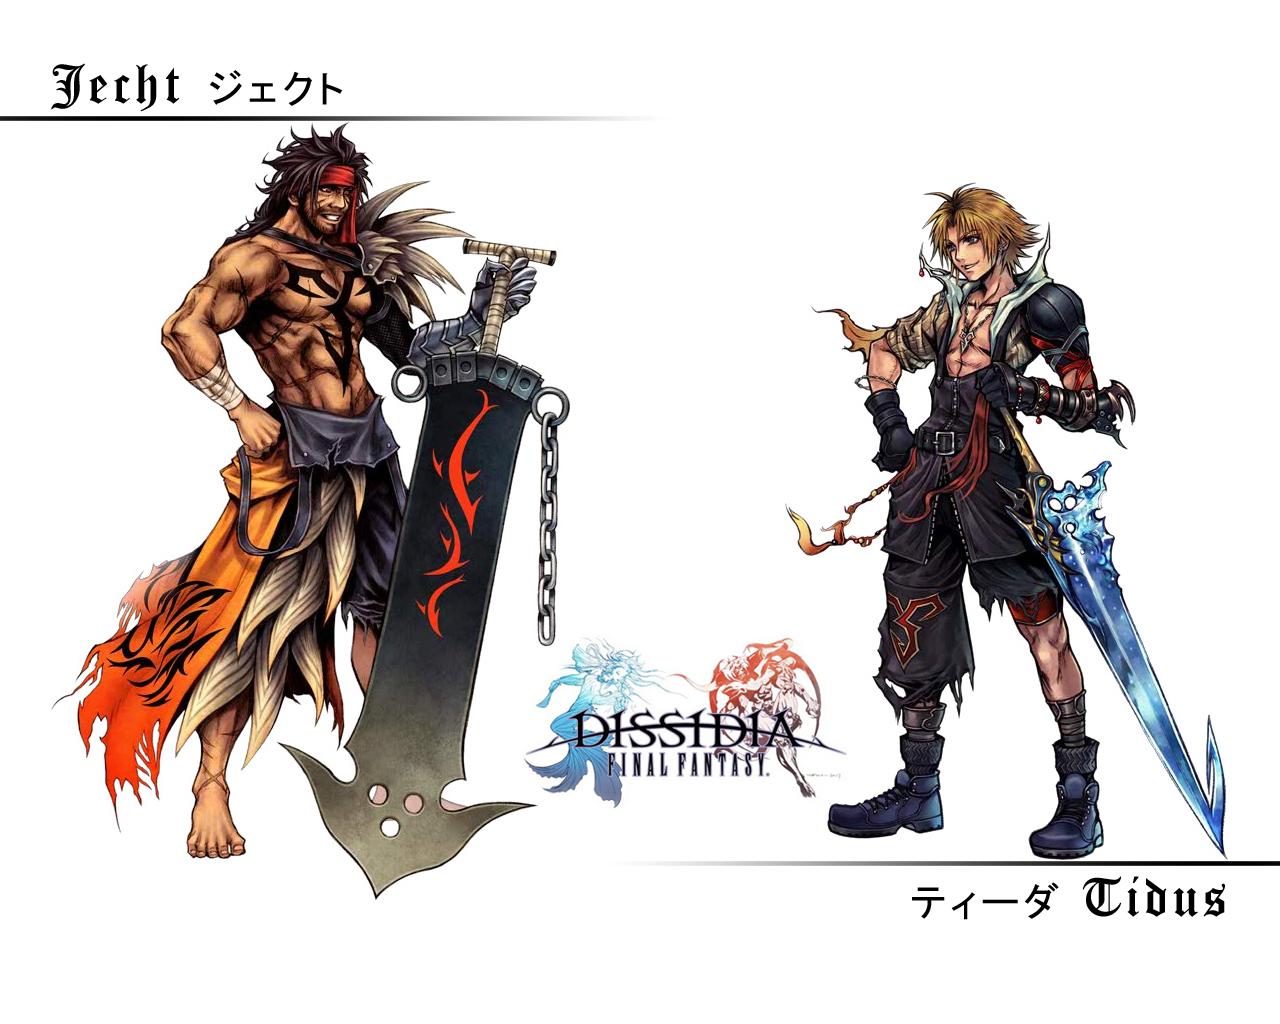 as a Fan of Final Fantasy